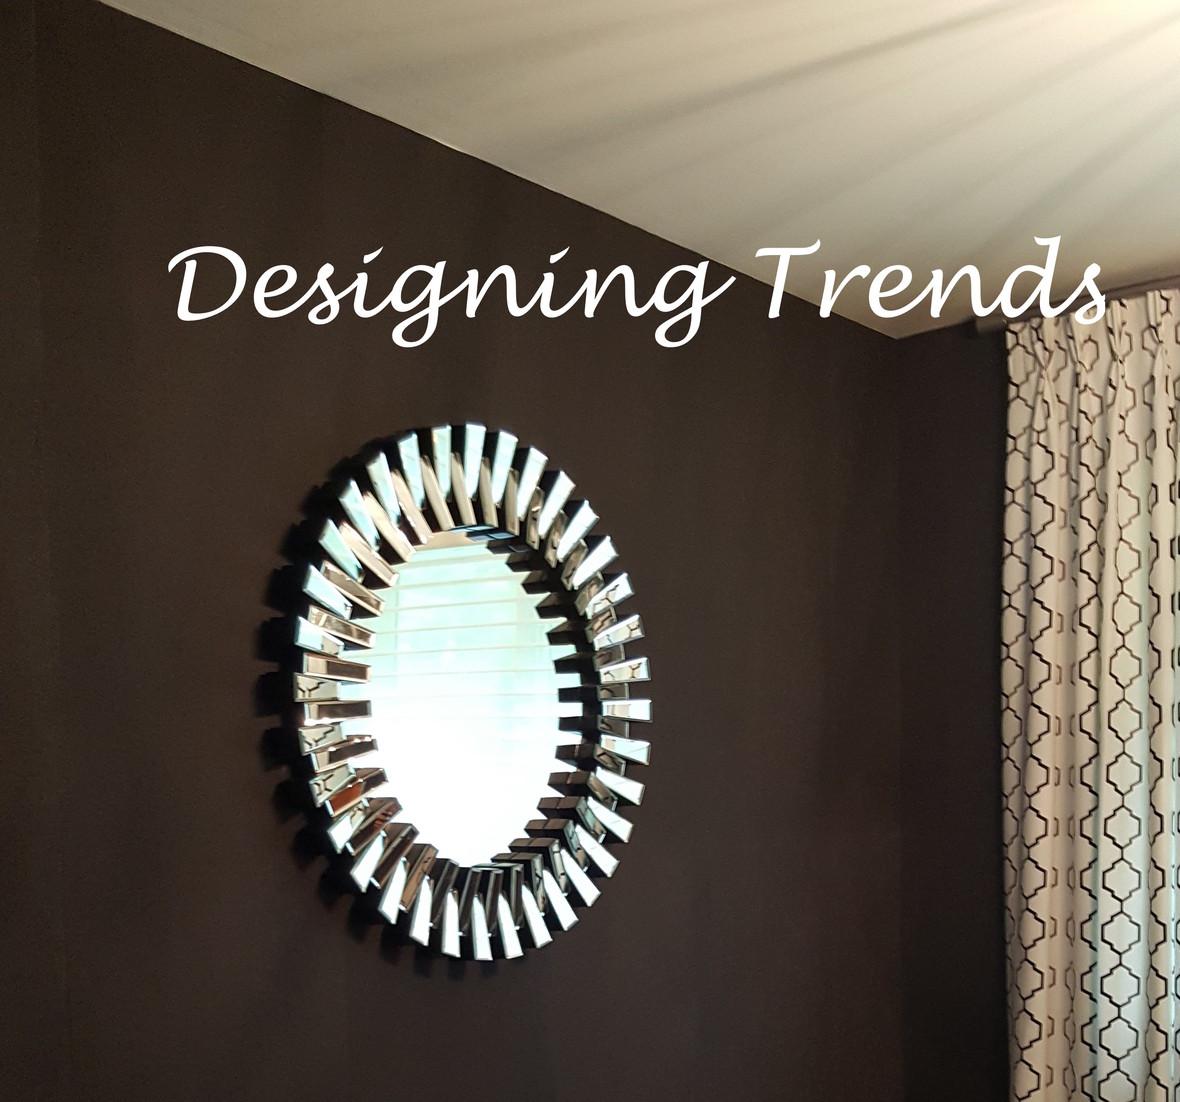 Designing Trends